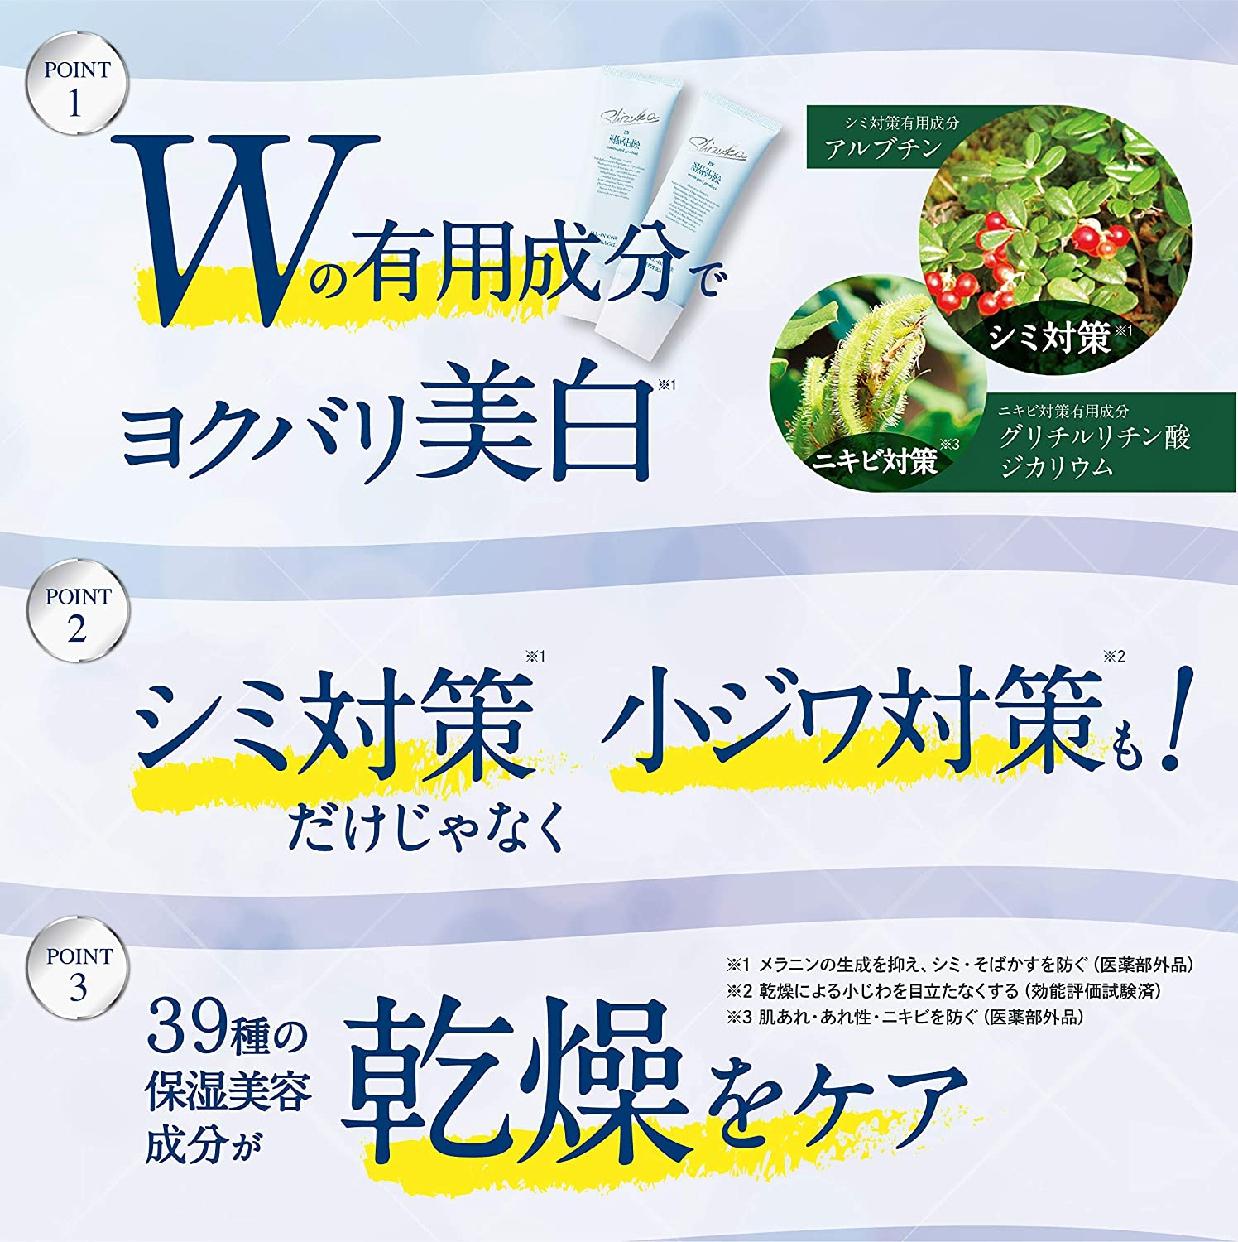 Shizuka BY SHIZUKA NEWYORK(シズカ) オールインワン シズカゲルの商品画像5